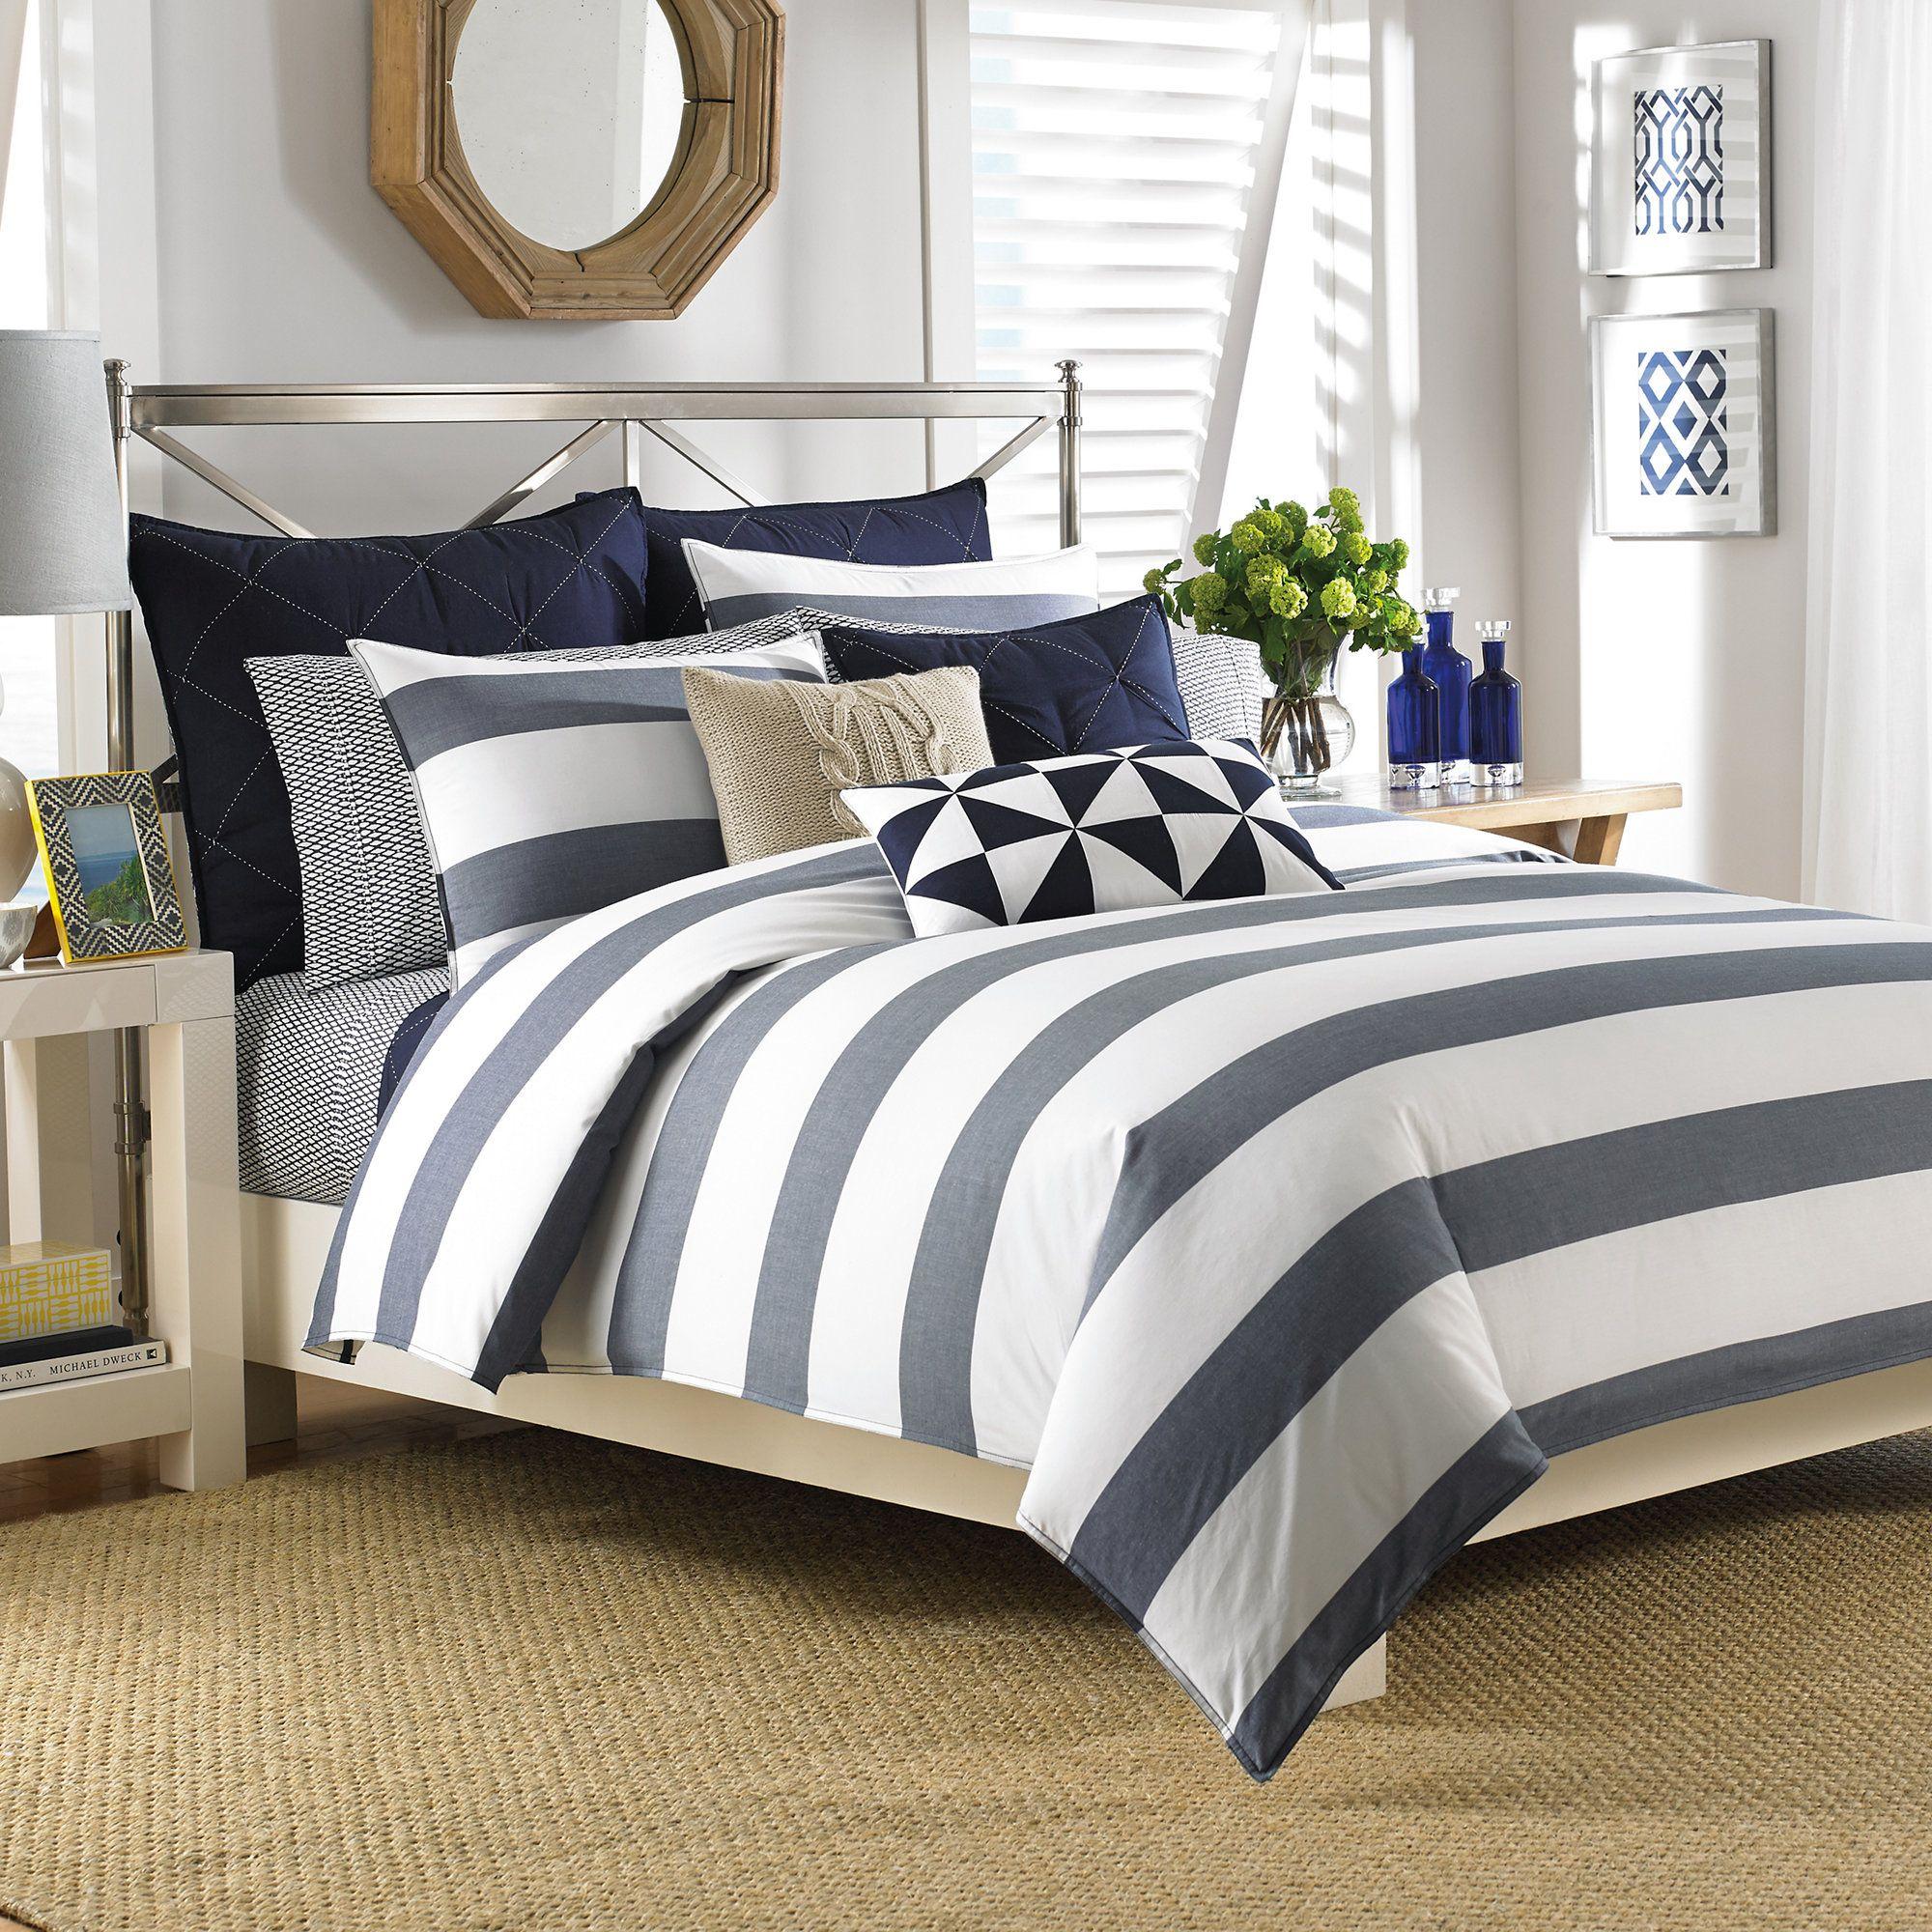 Lawndale Navy Comforter Set Comforter sets, Duvet cover